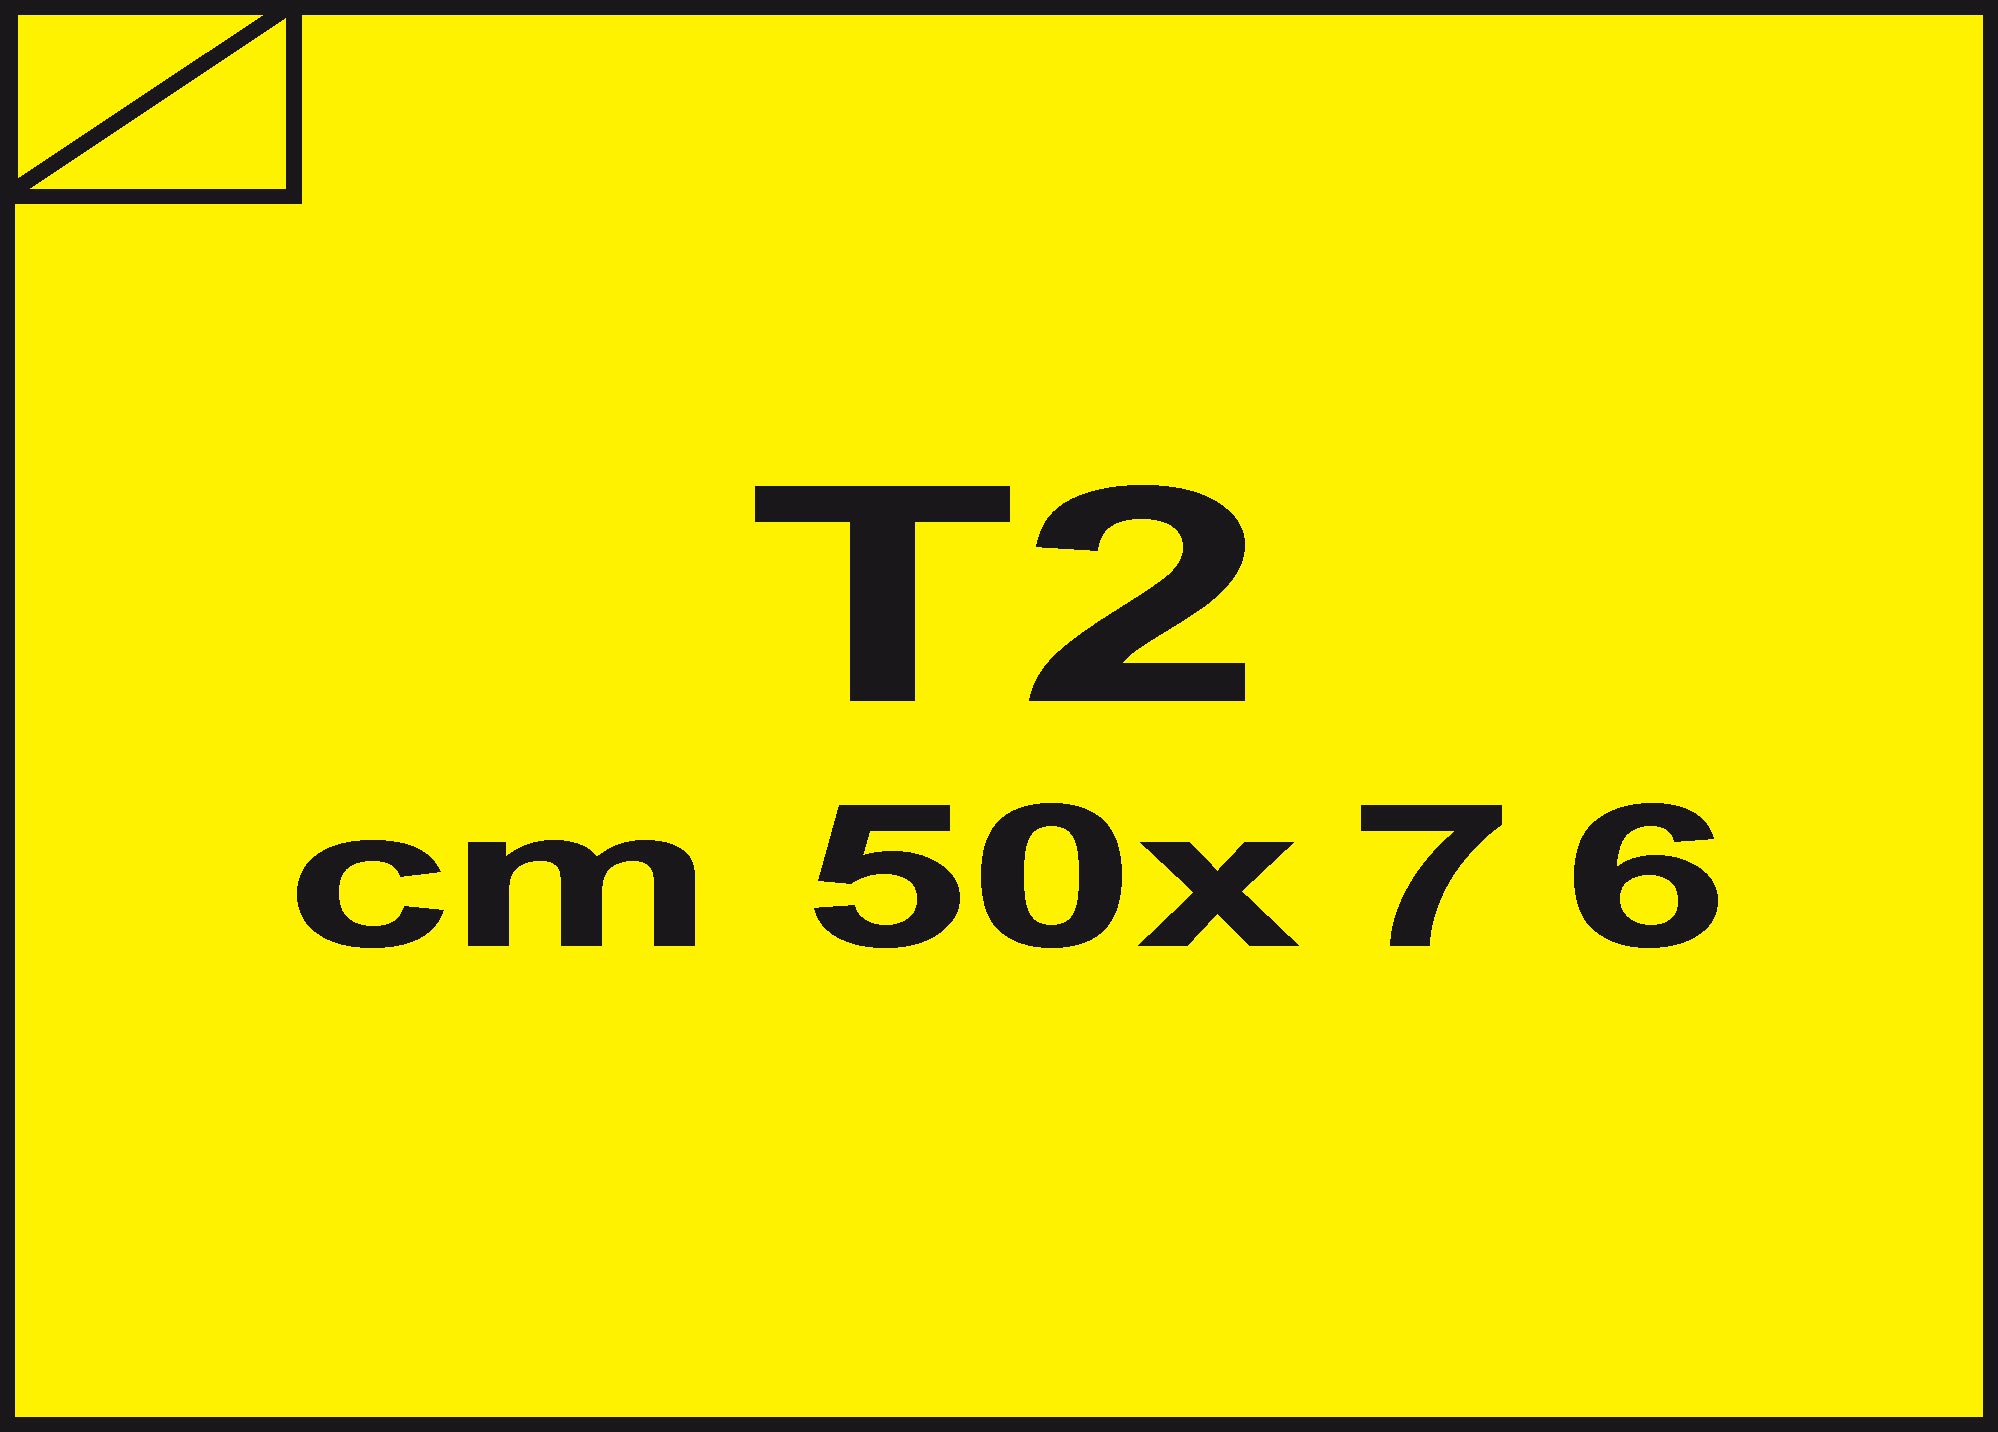 carta Carta velina Giallo sole 68, formato T2 (50x76cm), 18grammi x mq.